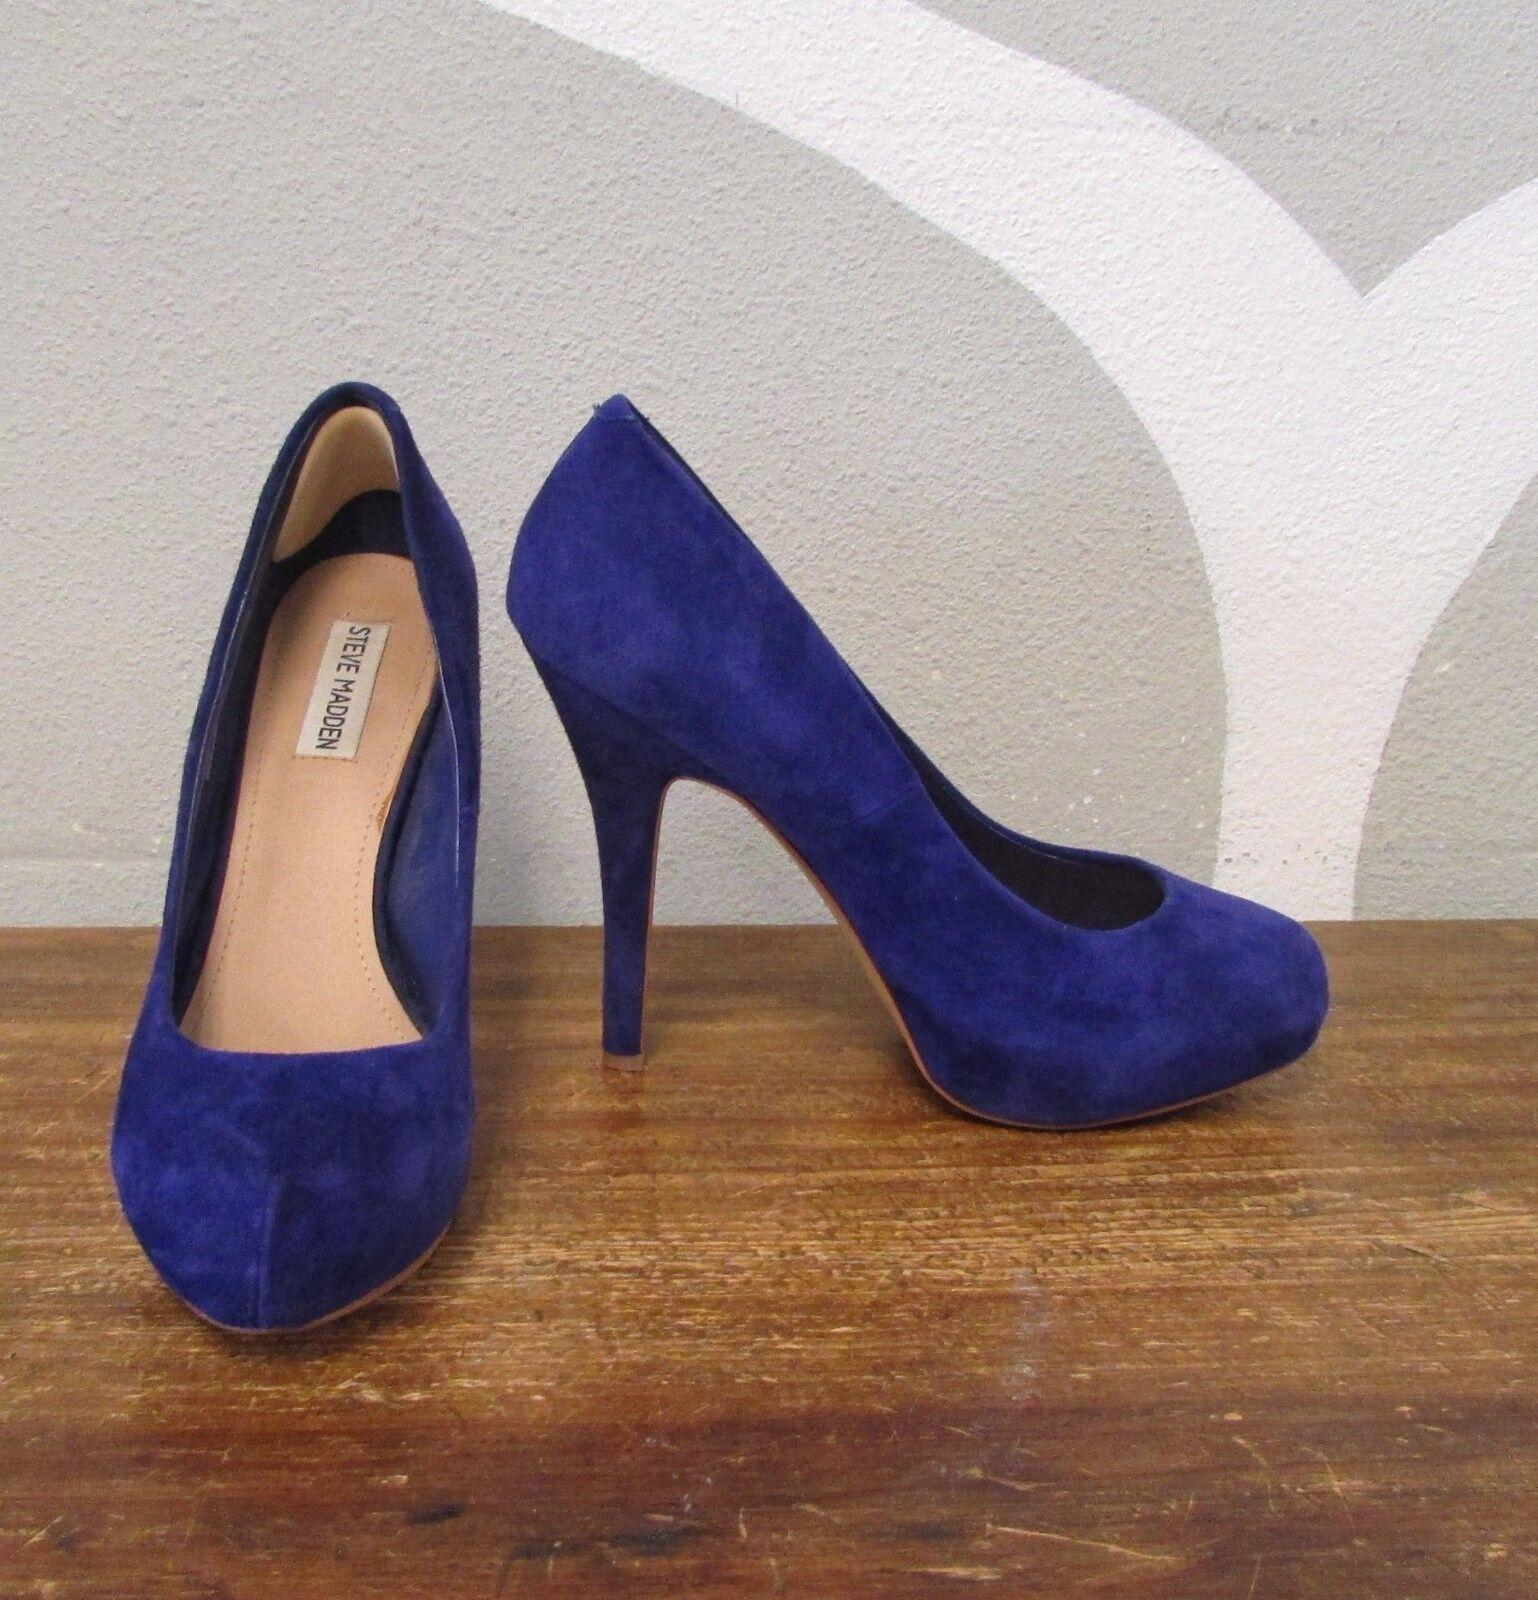 STEVE MADDEN 9.5 TRAISIE Grape Purple Suede Leather TRAISIE 9.5 Platform Pumps High Heels f00f62